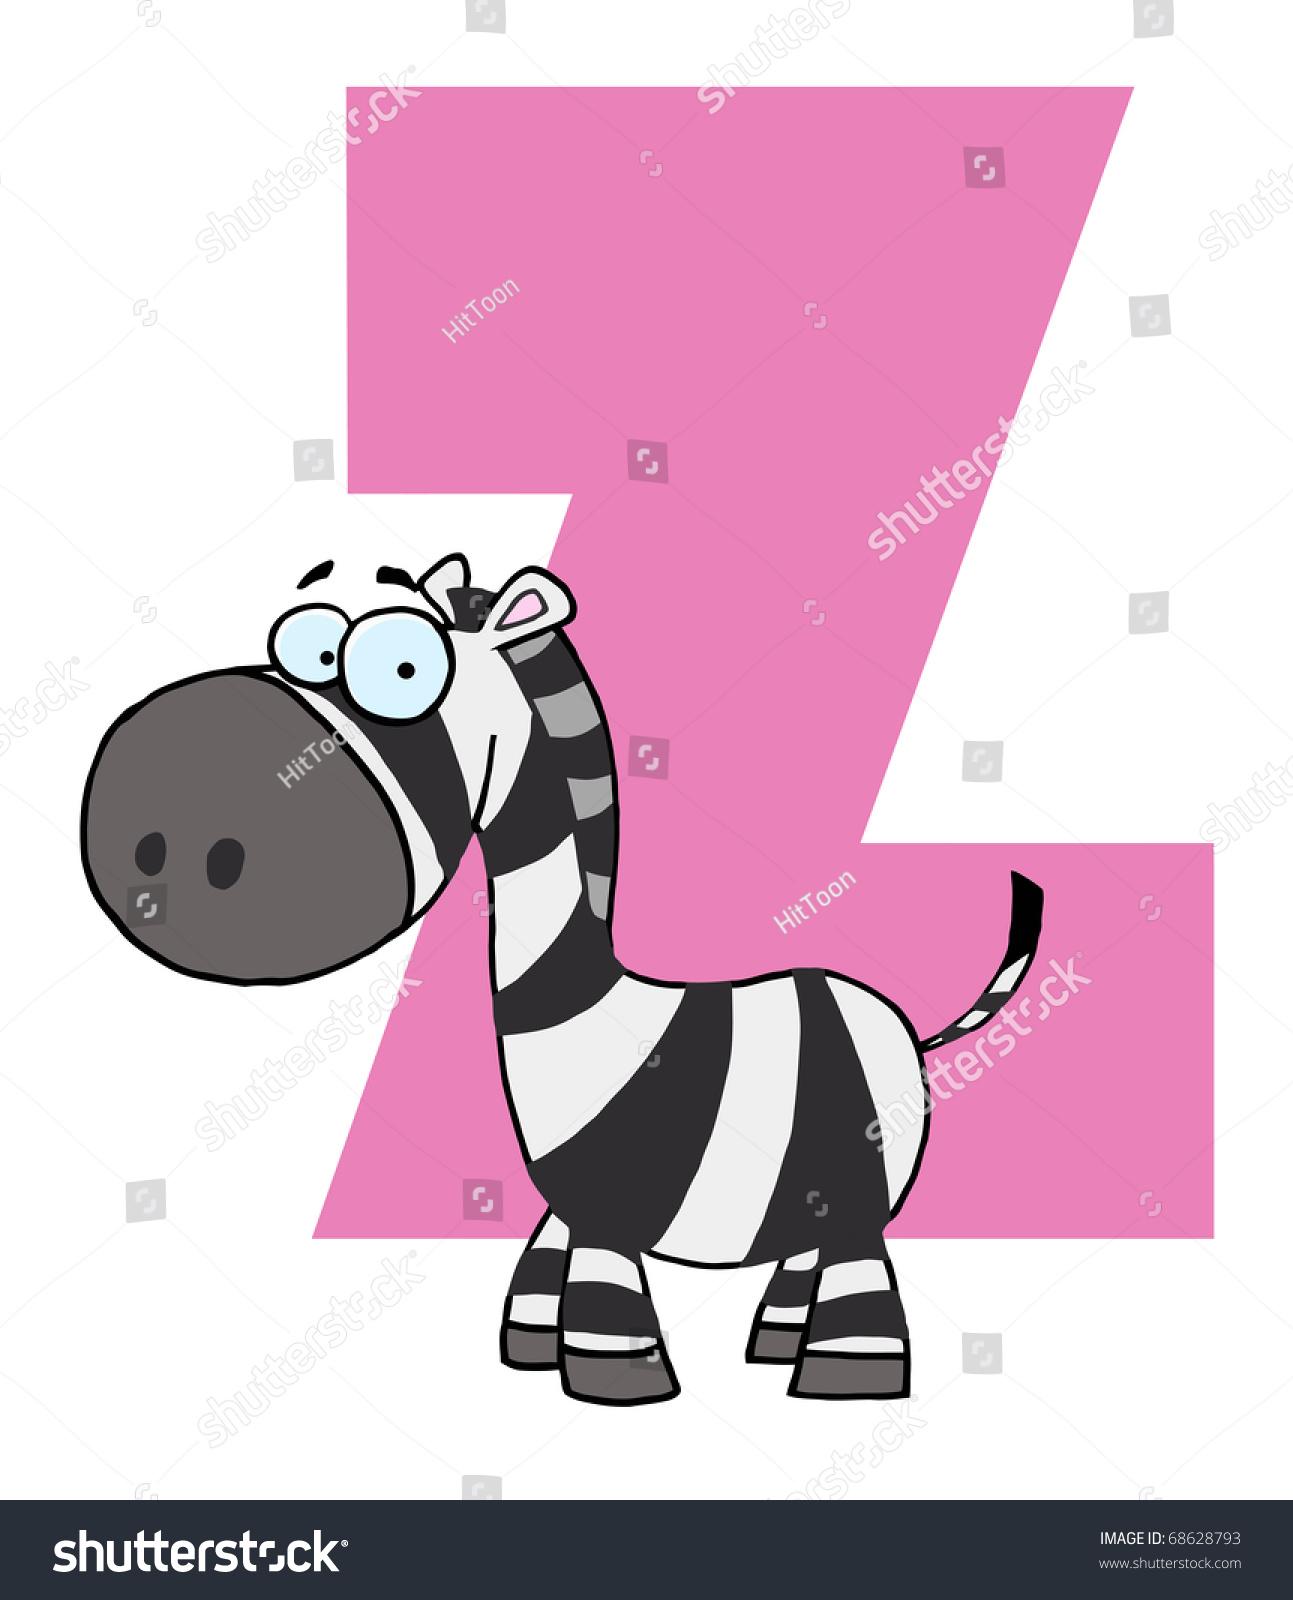 Letter Z Zebra Stock Illustration 68628793 - Shutterstock